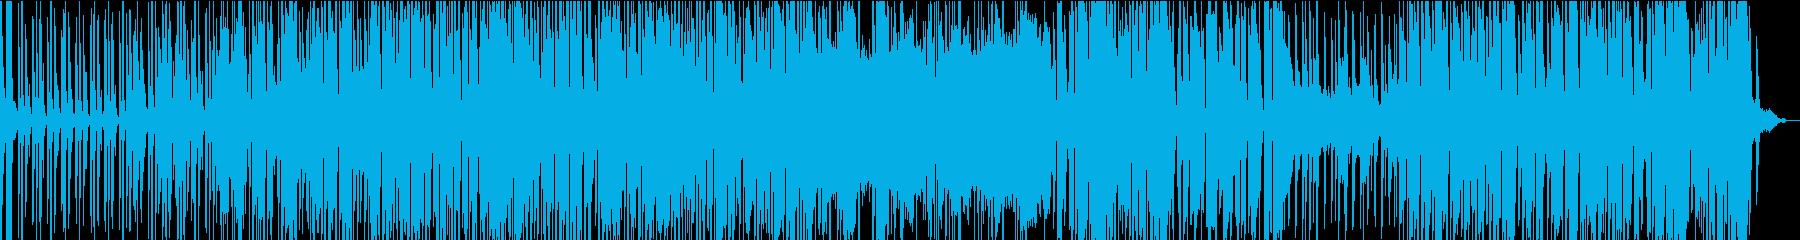 シンプルで流れるように穏やかなレゲエの再生済みの波形